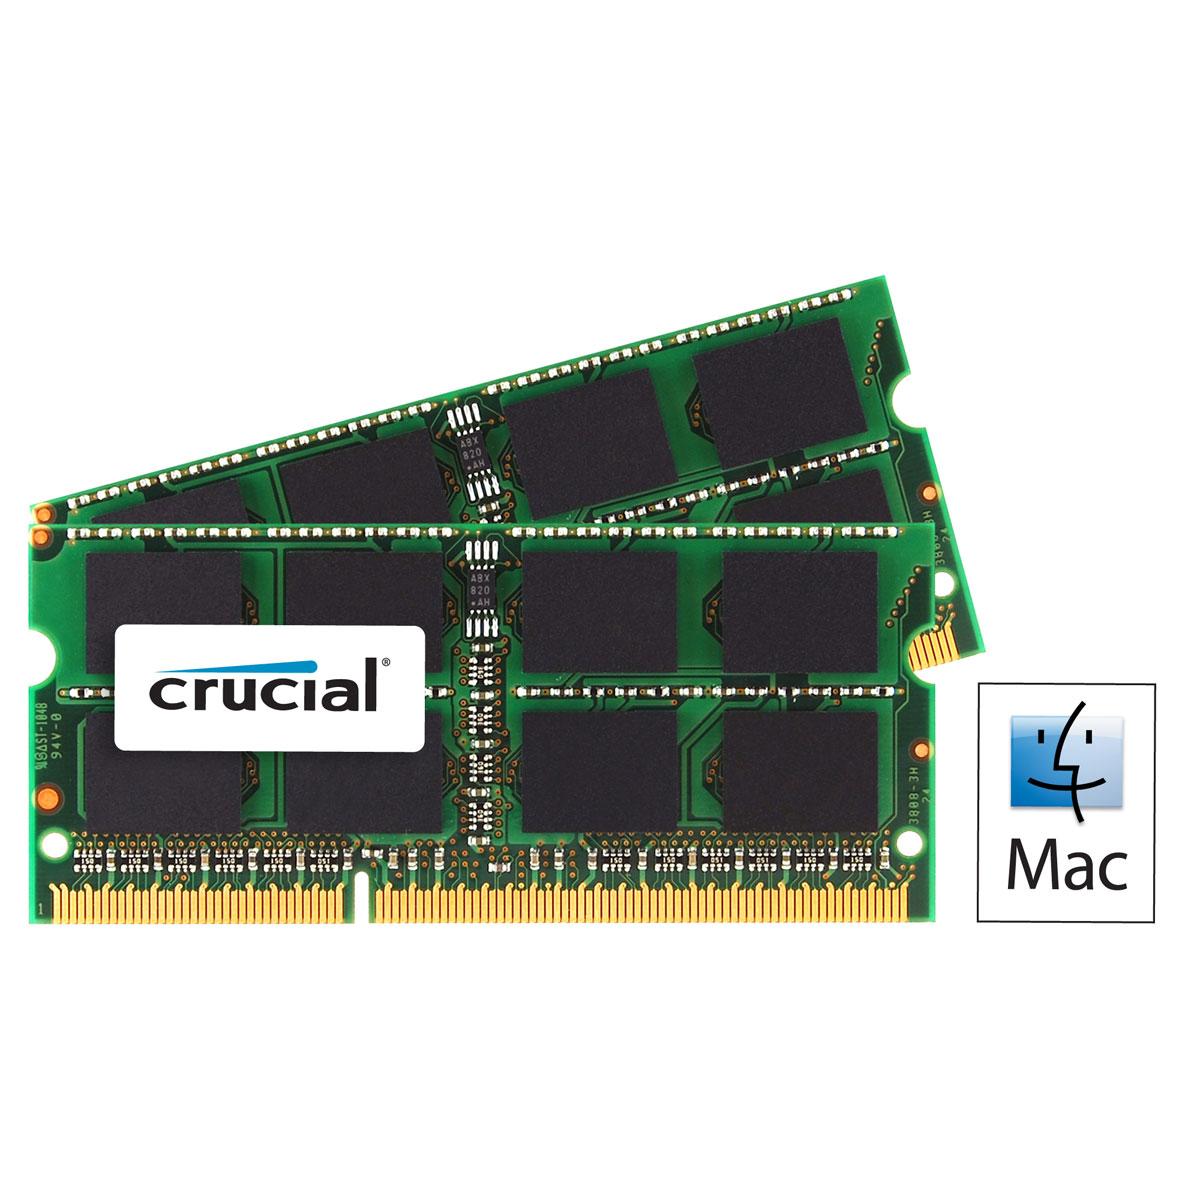 Crucial SO-DIMM (2x8Go) DDR3 1600 for MAC CT2C8G3S160BMCEU 16Go SO-DDR3 - Mémoire PC portable - 0